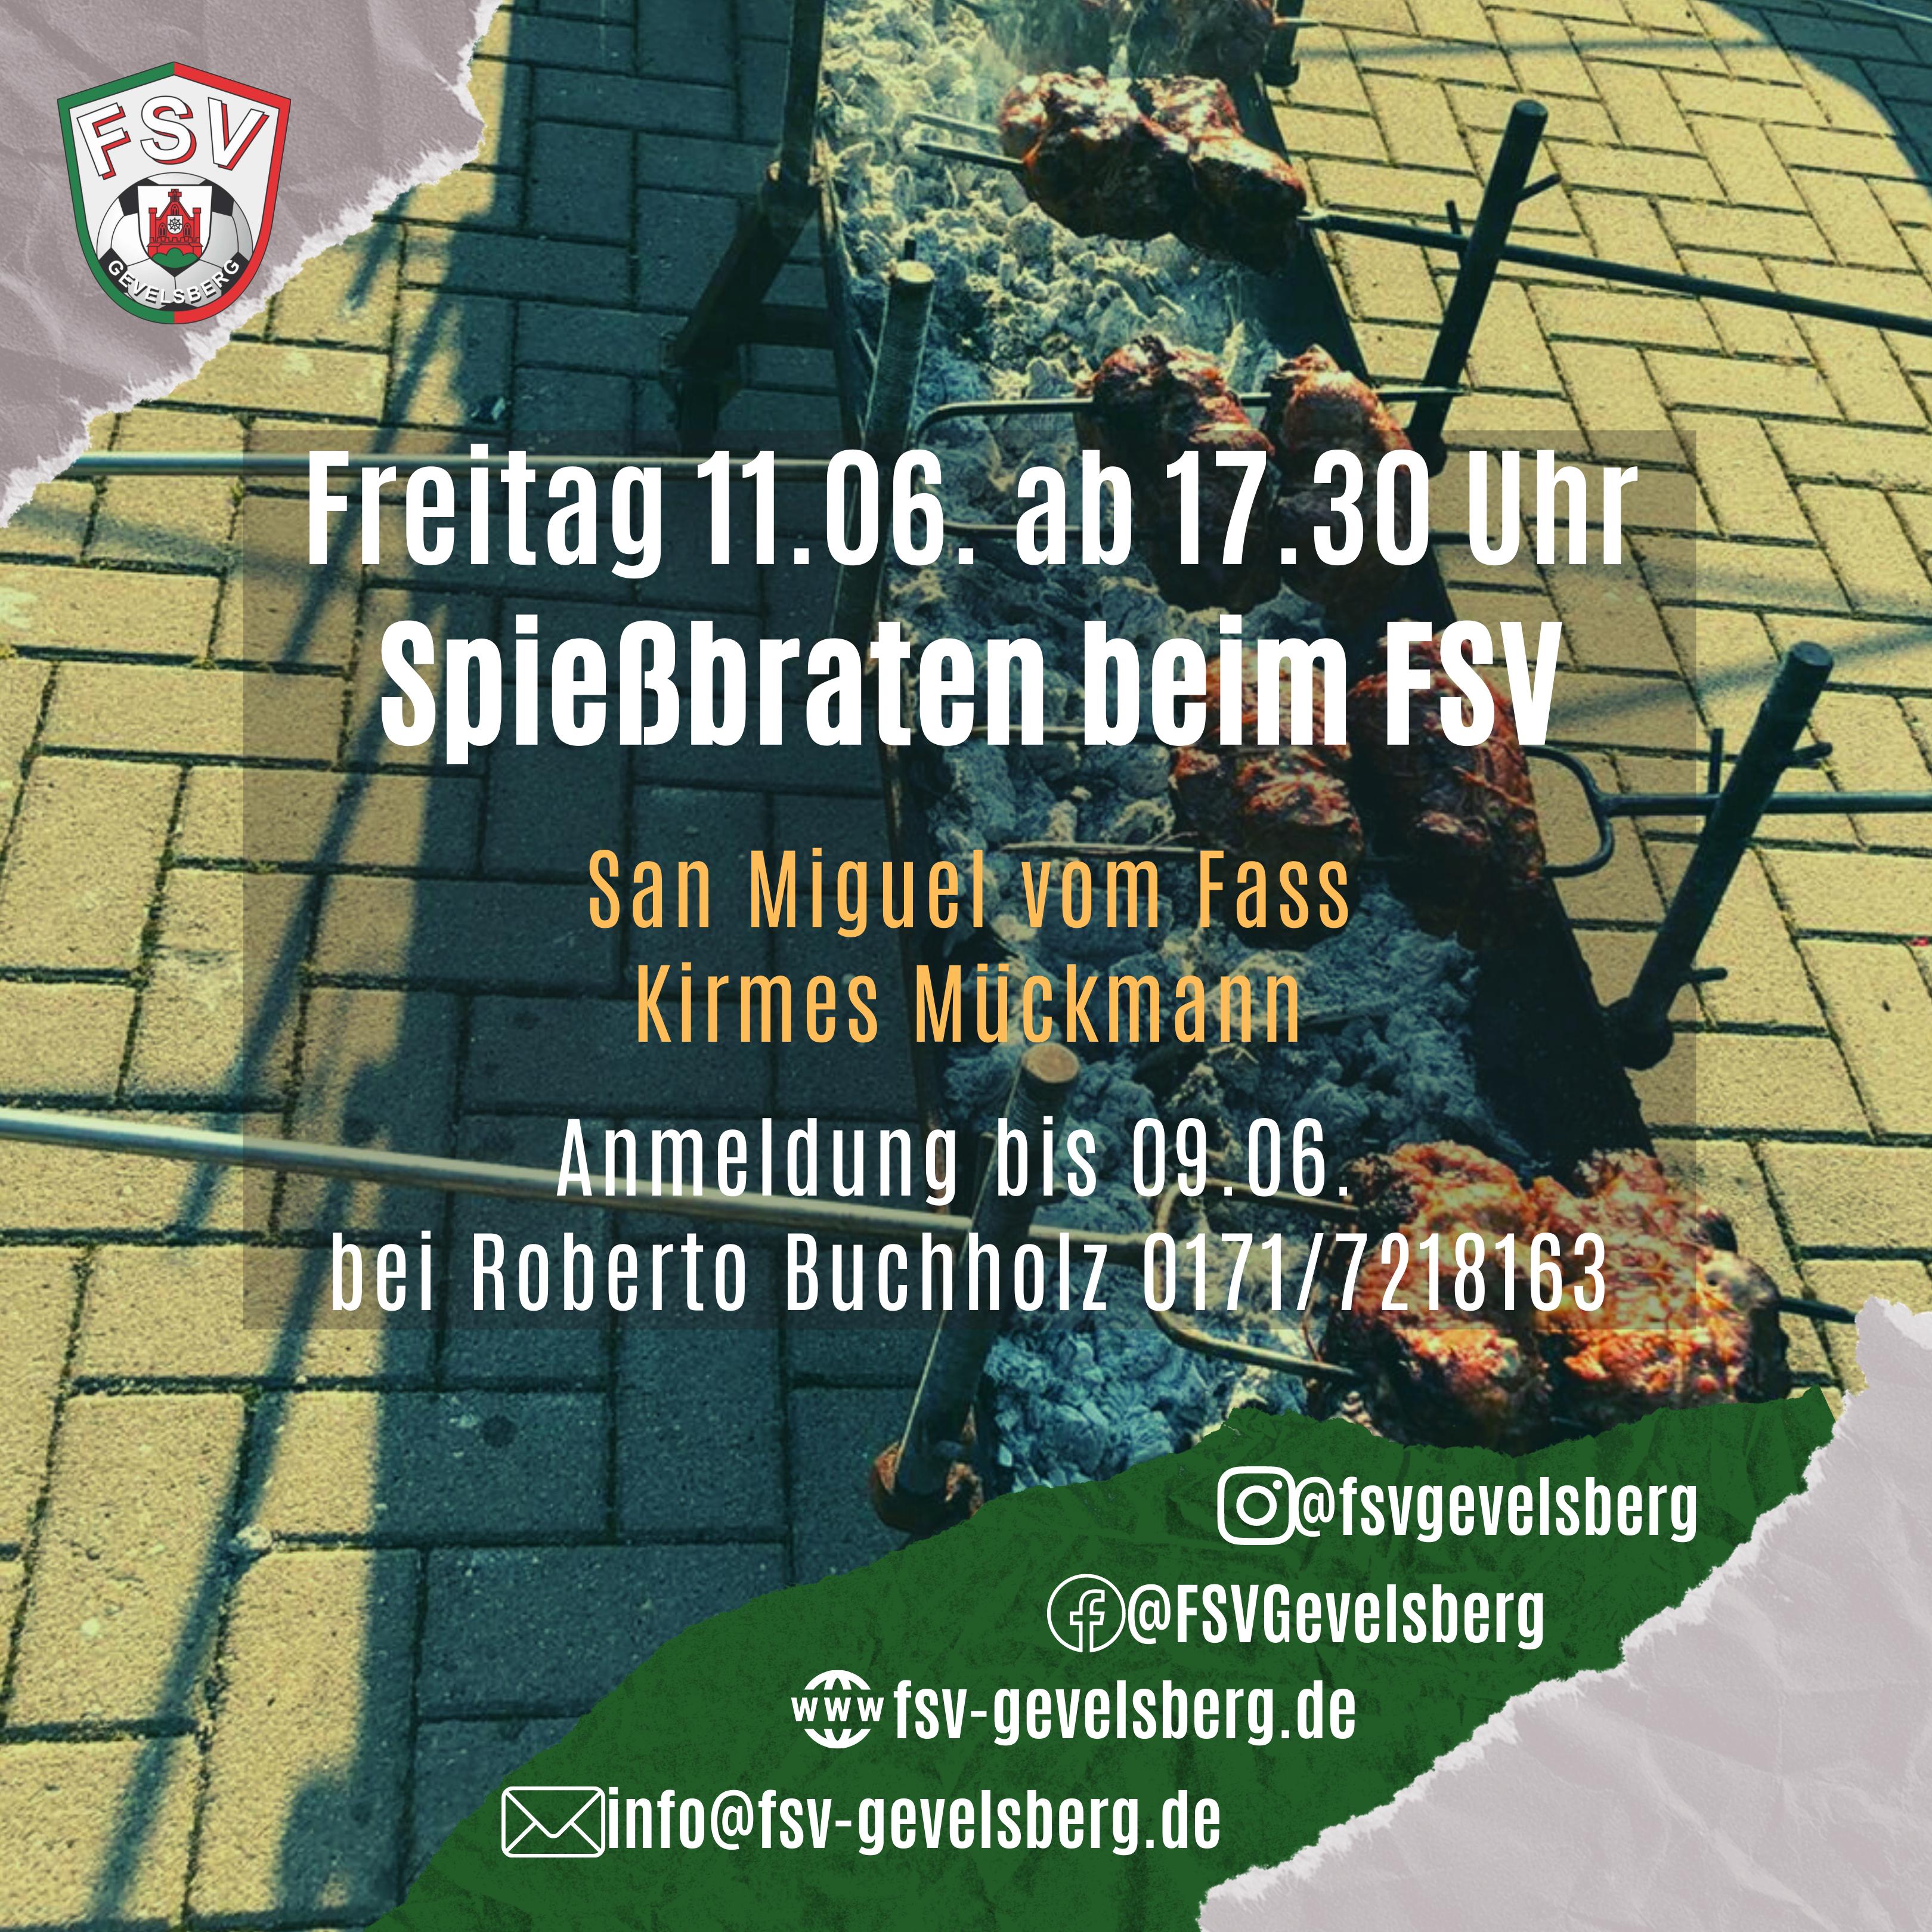 Freitag 11.06. – Spießbraten beim FSV – Mit Anmeldung!